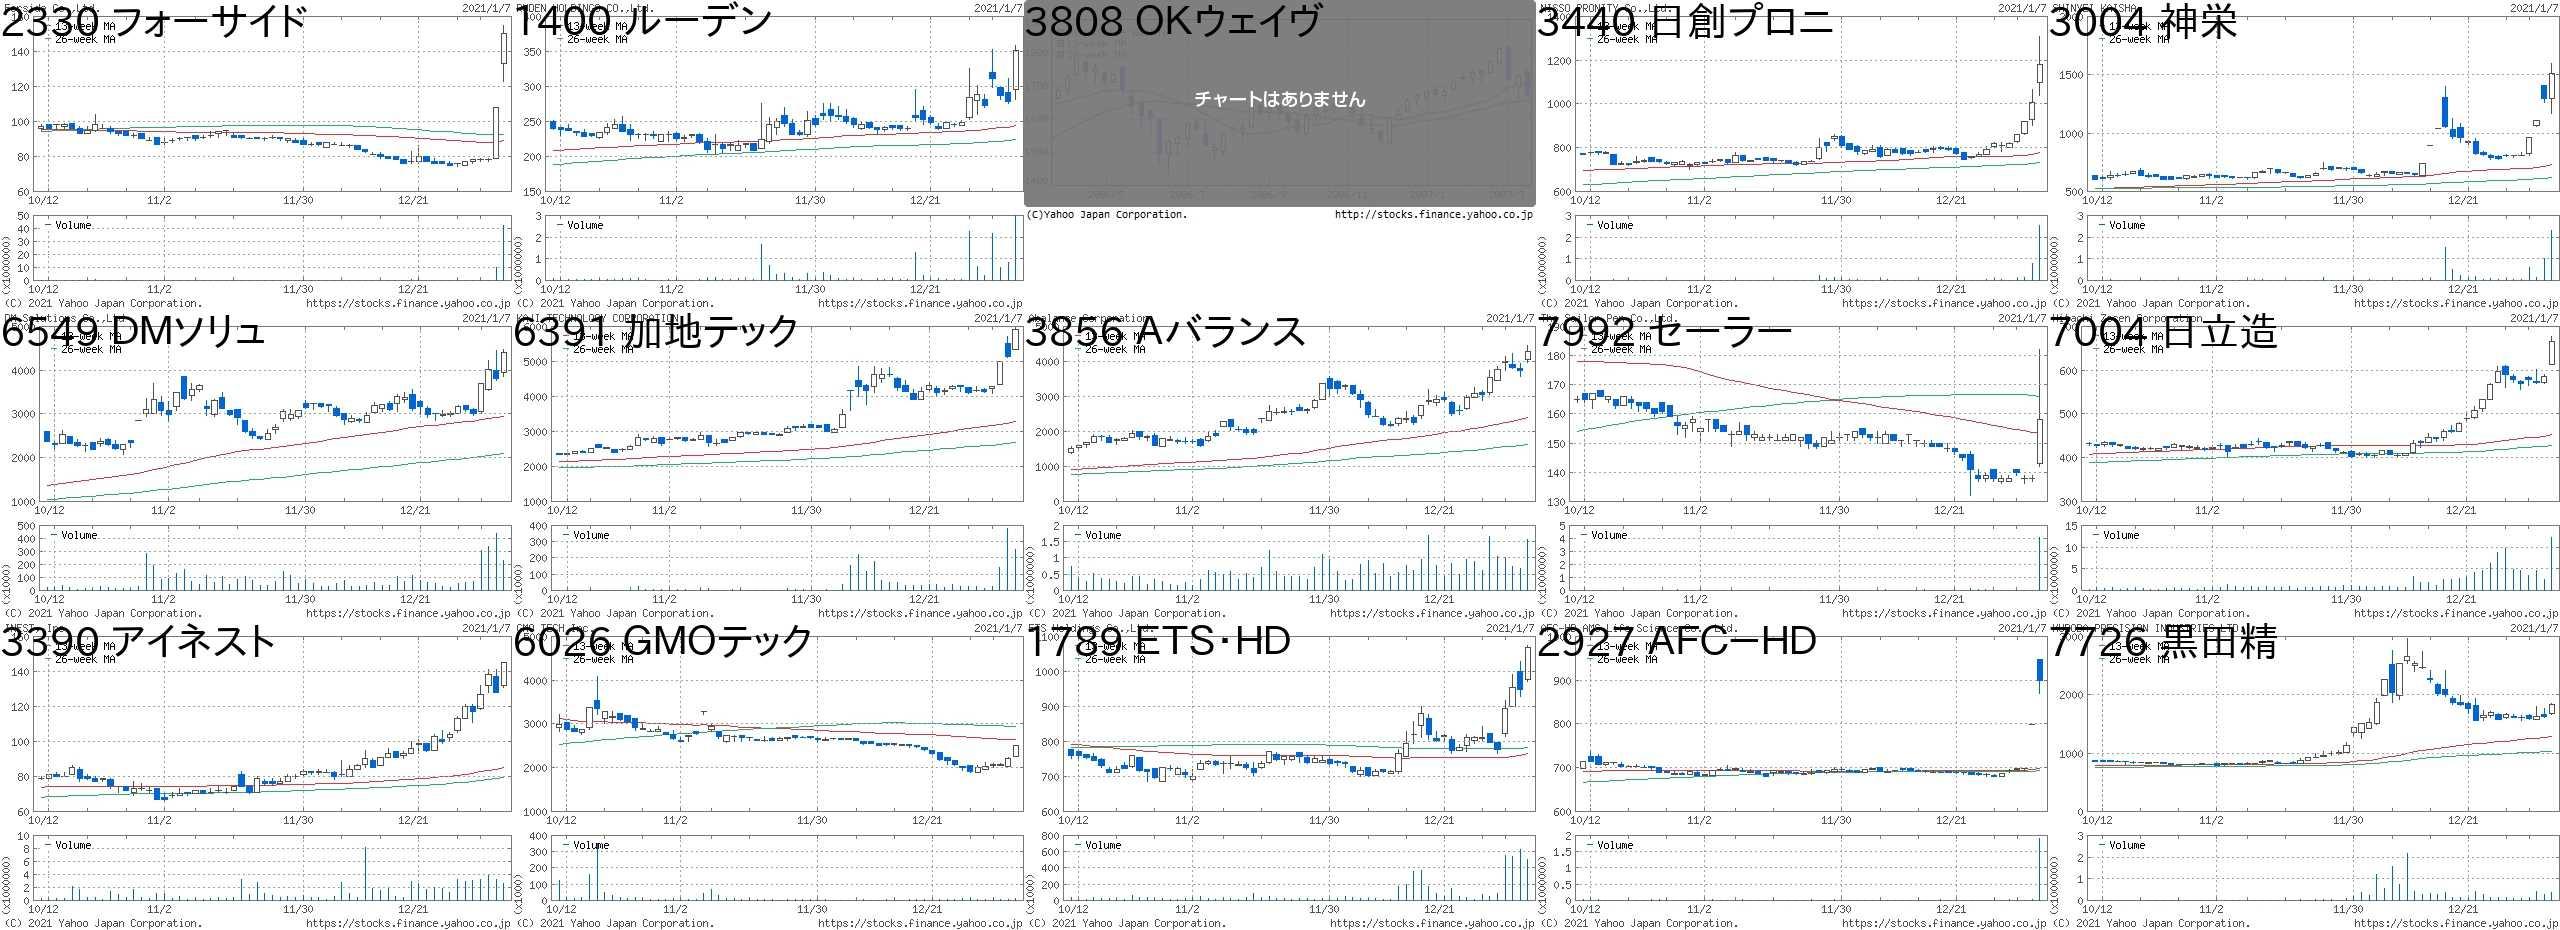 キャピタル アジア 株価 開発